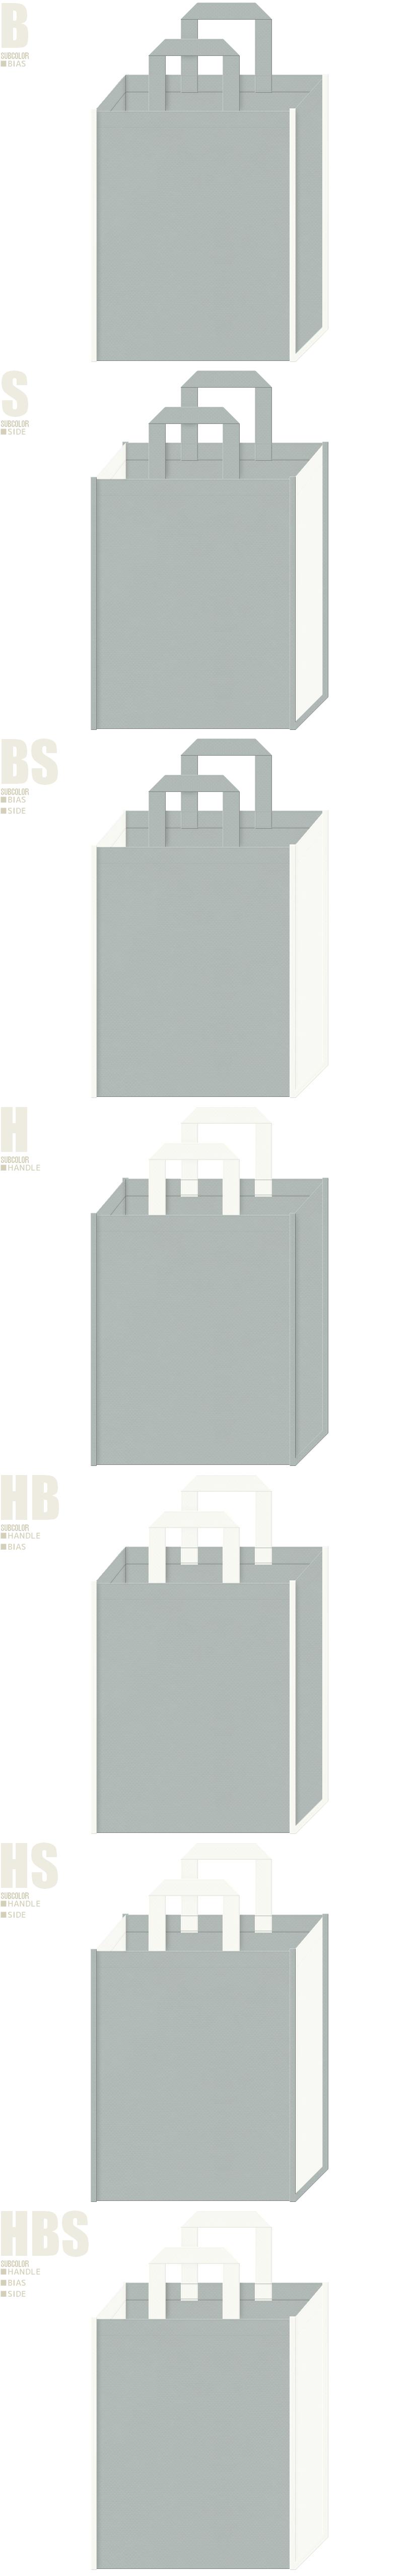 コアラ・製図・設計・什器・事務用品・ロボット・アルミサッシ・金属・機械・コンクリート・建築イベントにお奨めの不織布バッグデザイン:グレー色とオフホワイト色の配色7パターン